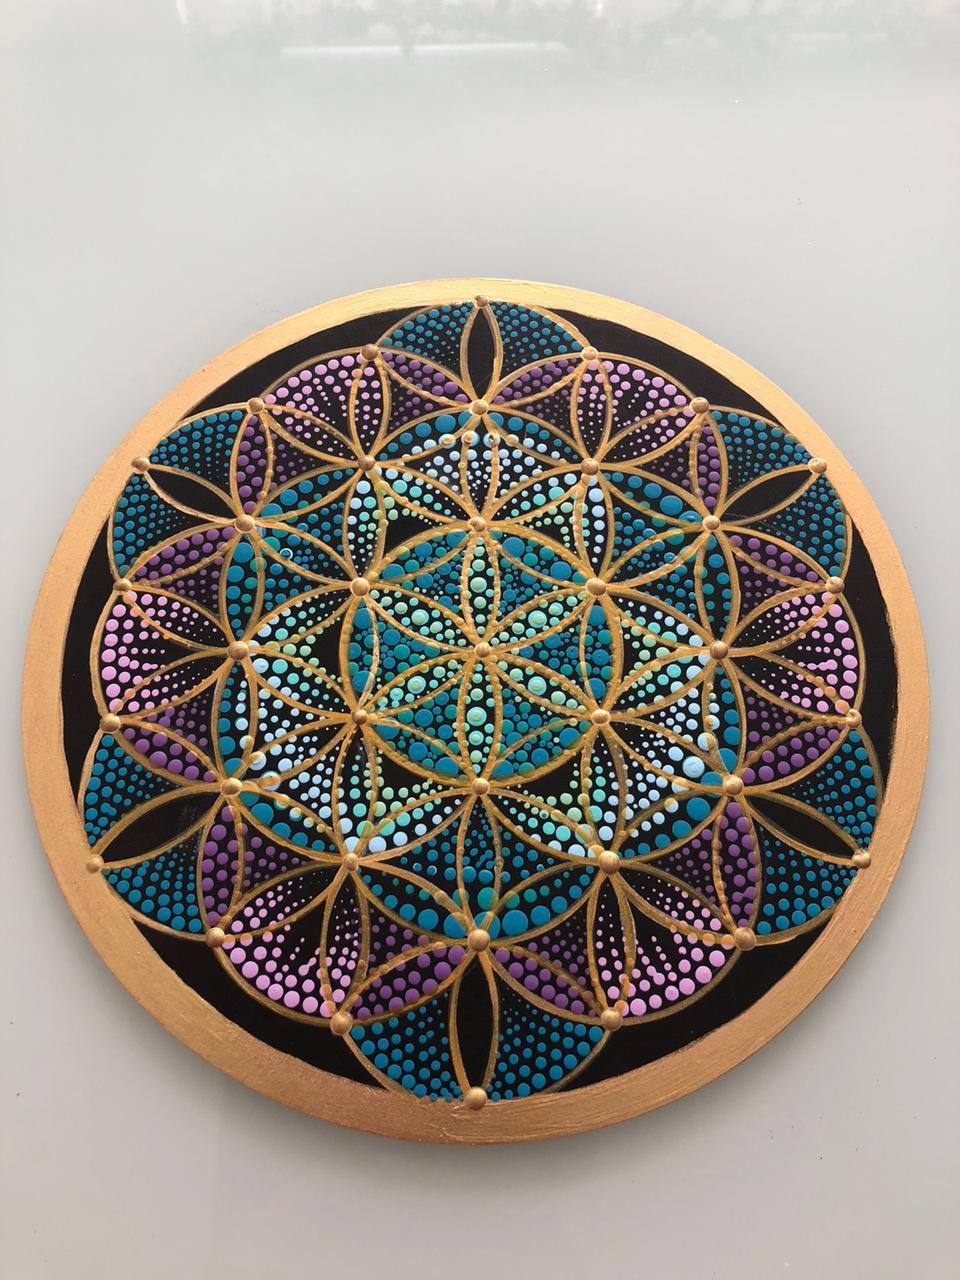 flor-de-la-vida-violeta-salvaje-joya-artesanal-mexicana-BOA148-geometria